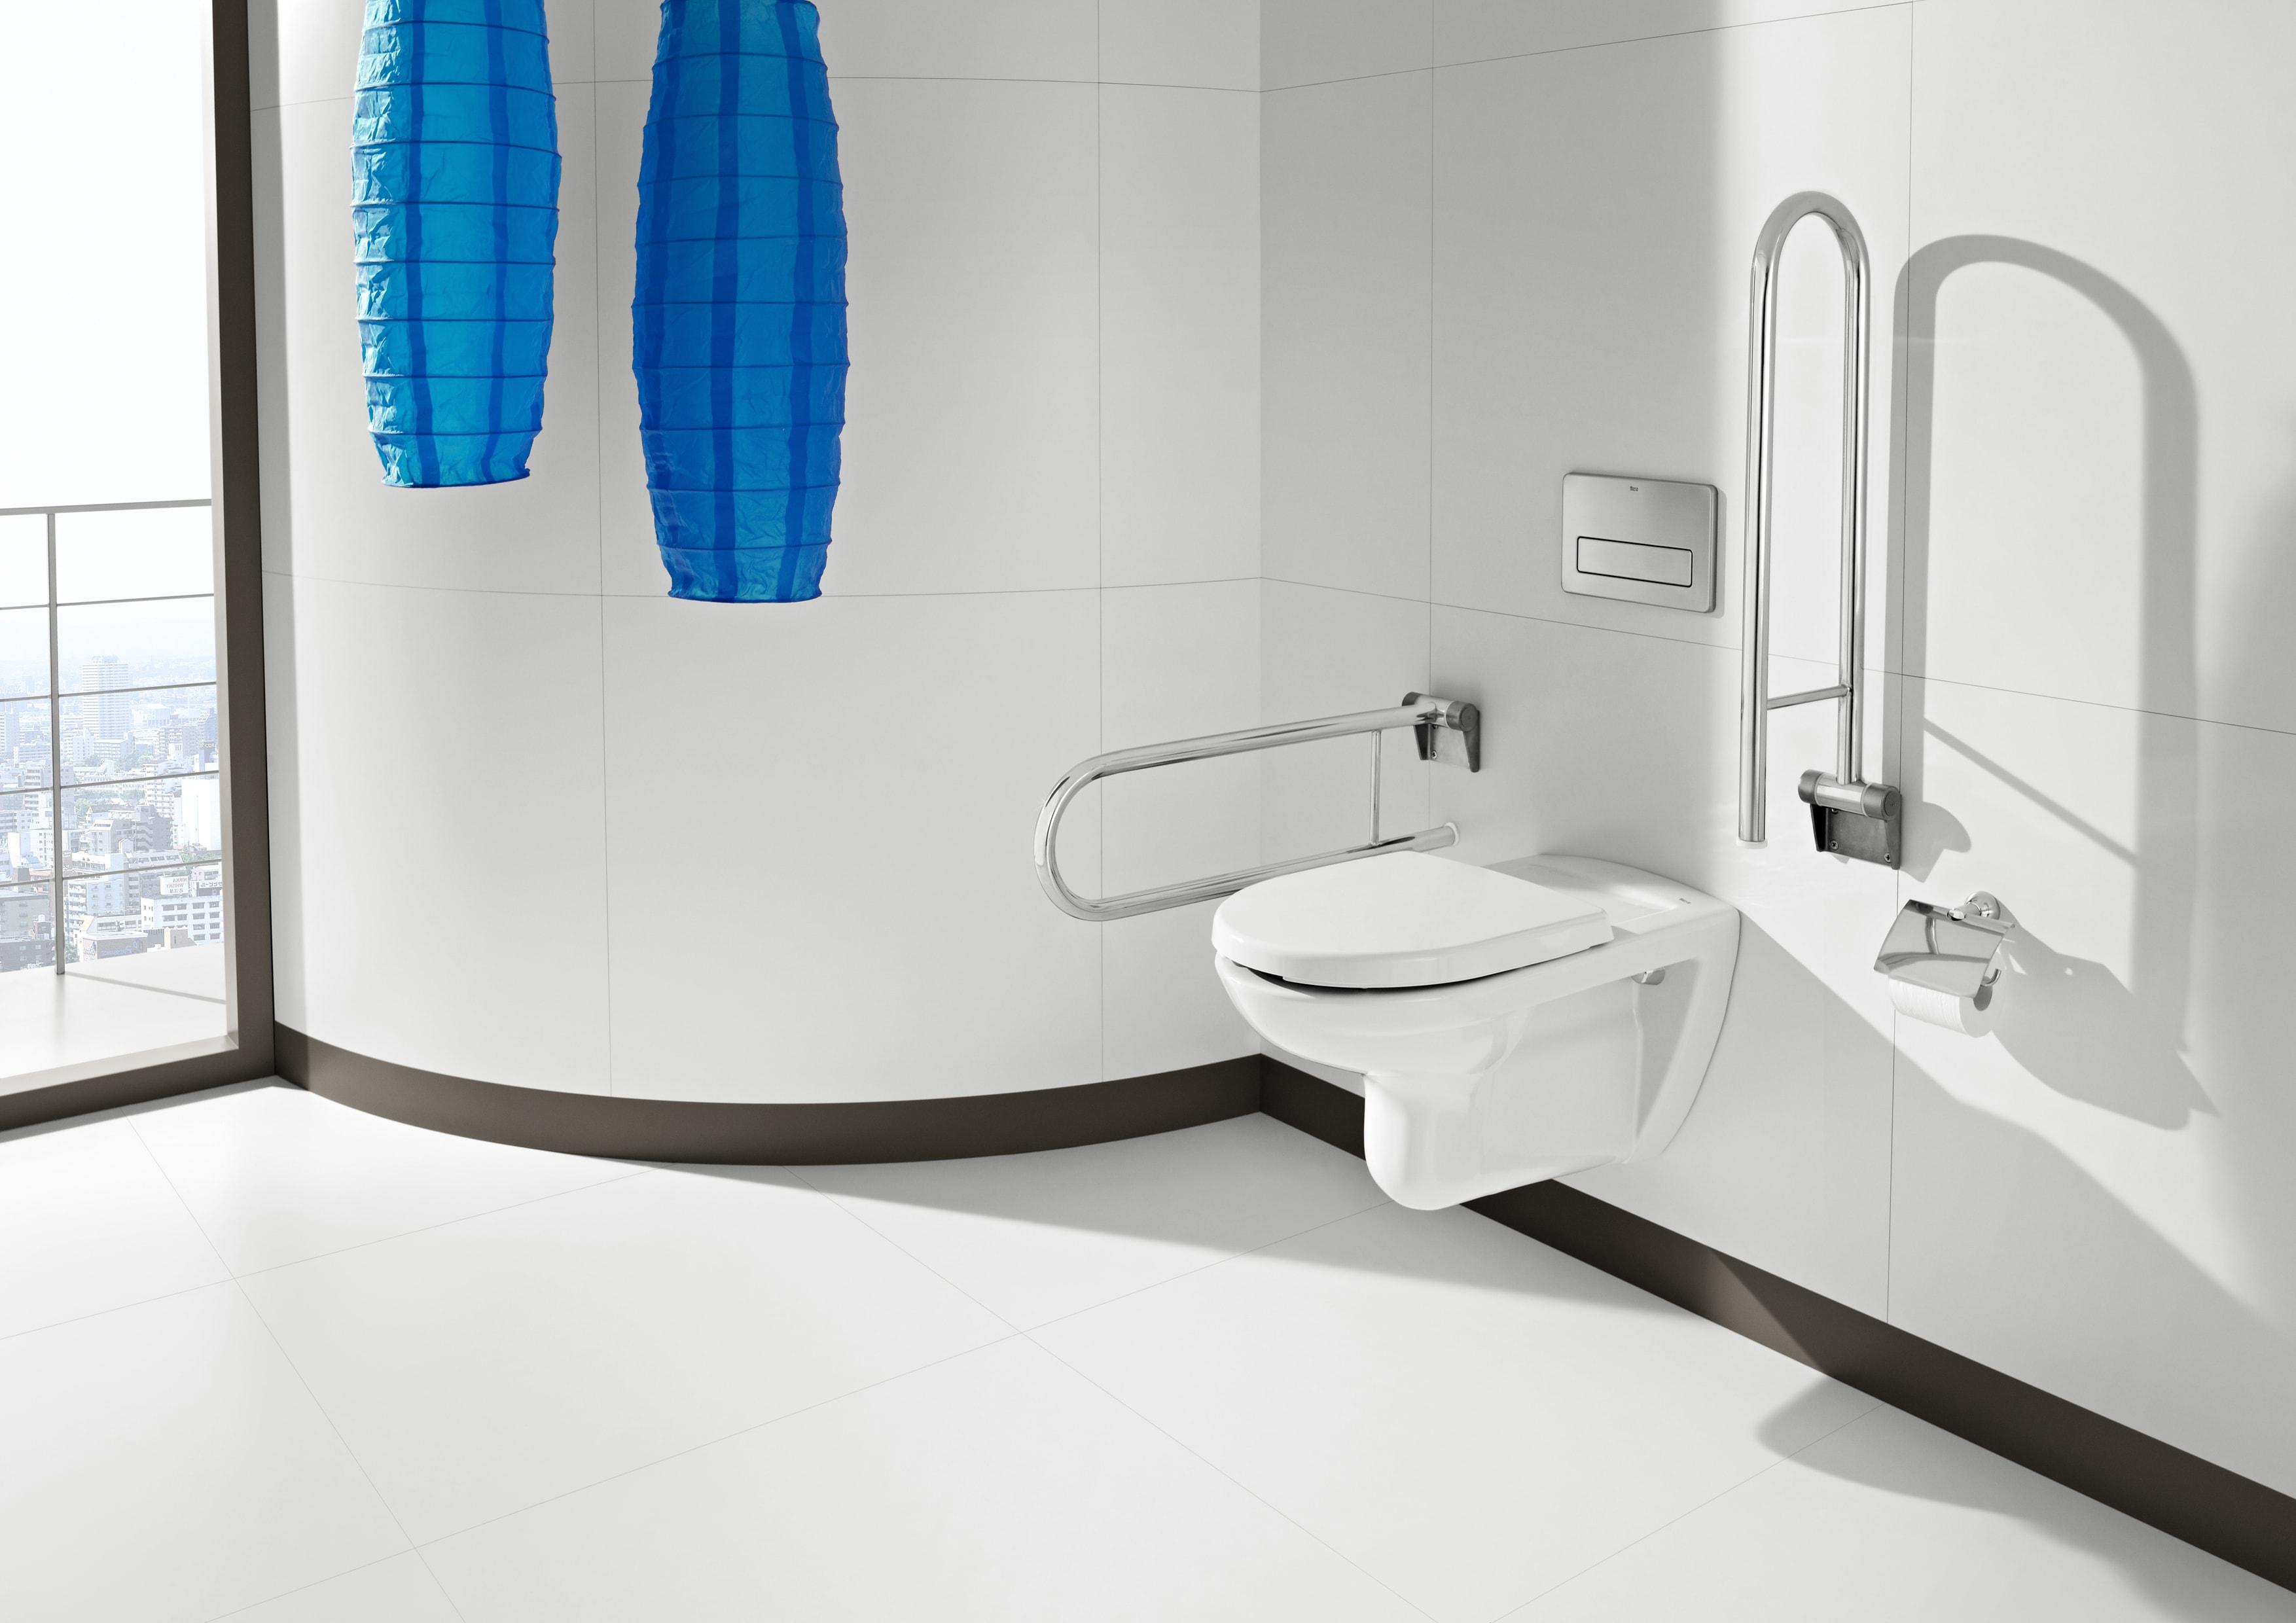 Toilettes suspendues avec barres d'appui